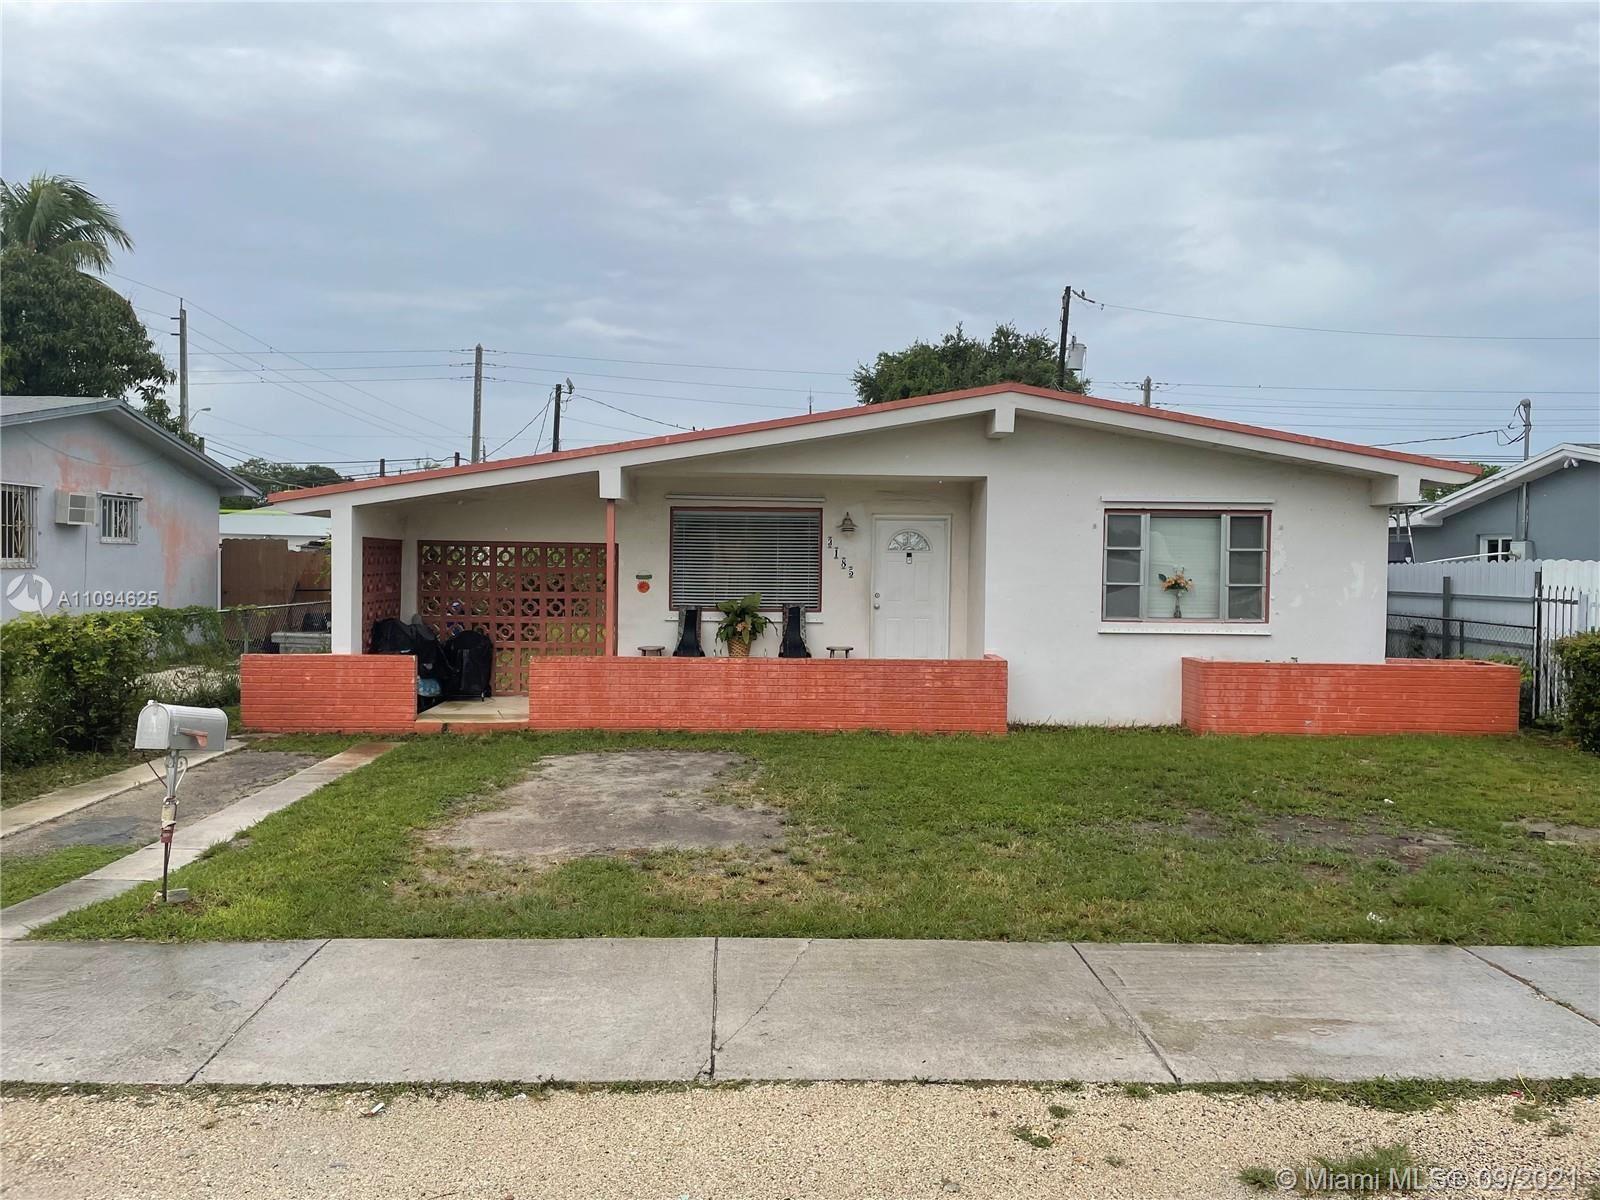 3185 NW 49th St, Miami, FL 33142 - #: A11094625